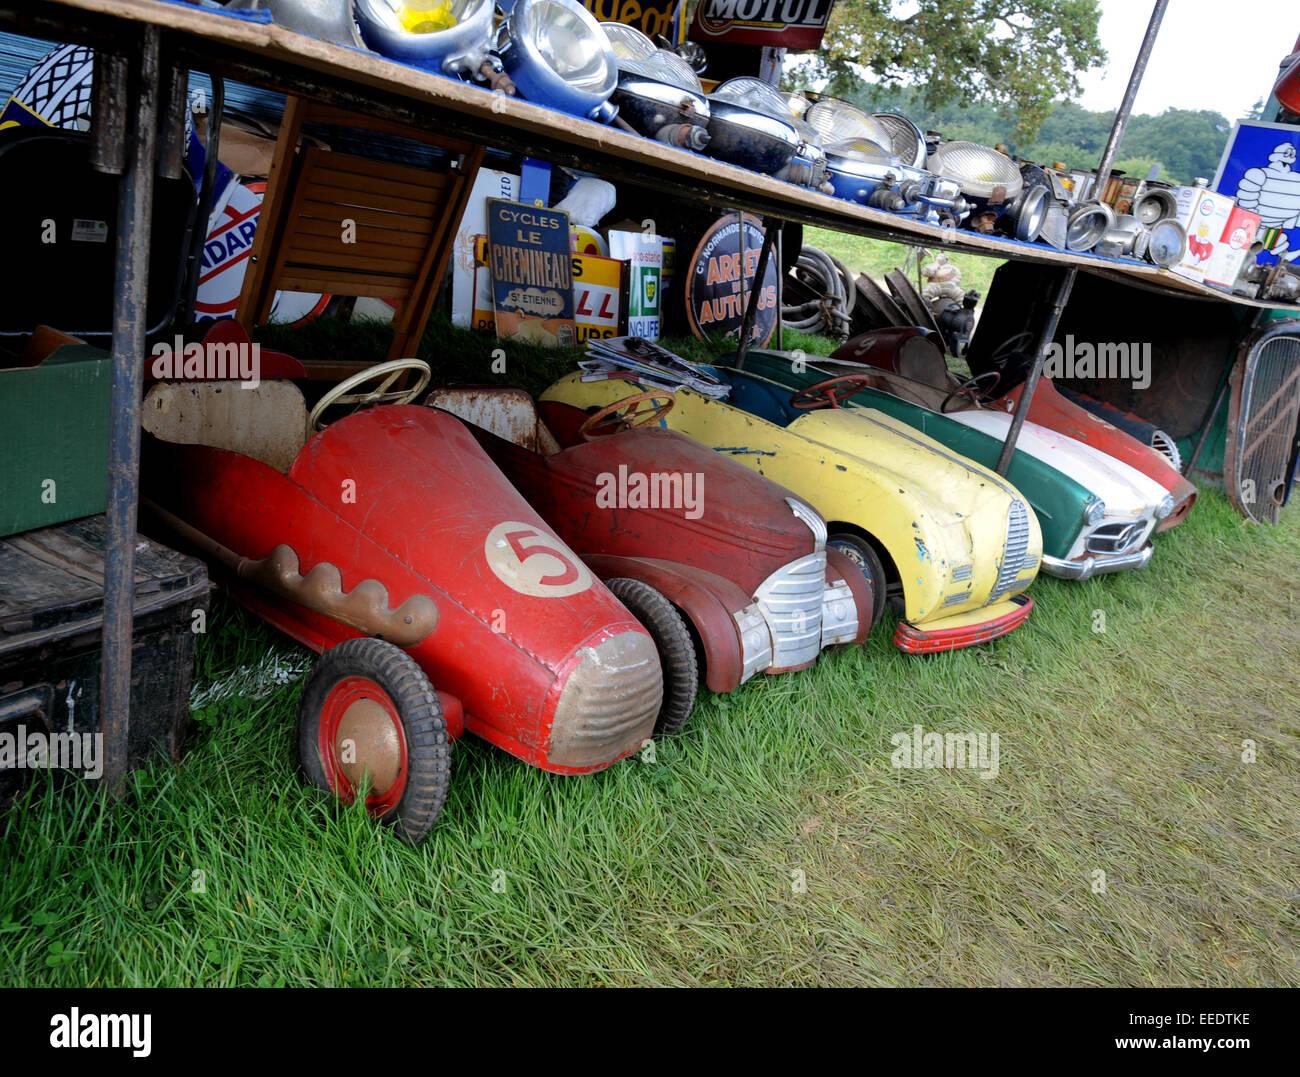 Beaulieu Autojumble, massive classic car parts swap meet and jumble ...